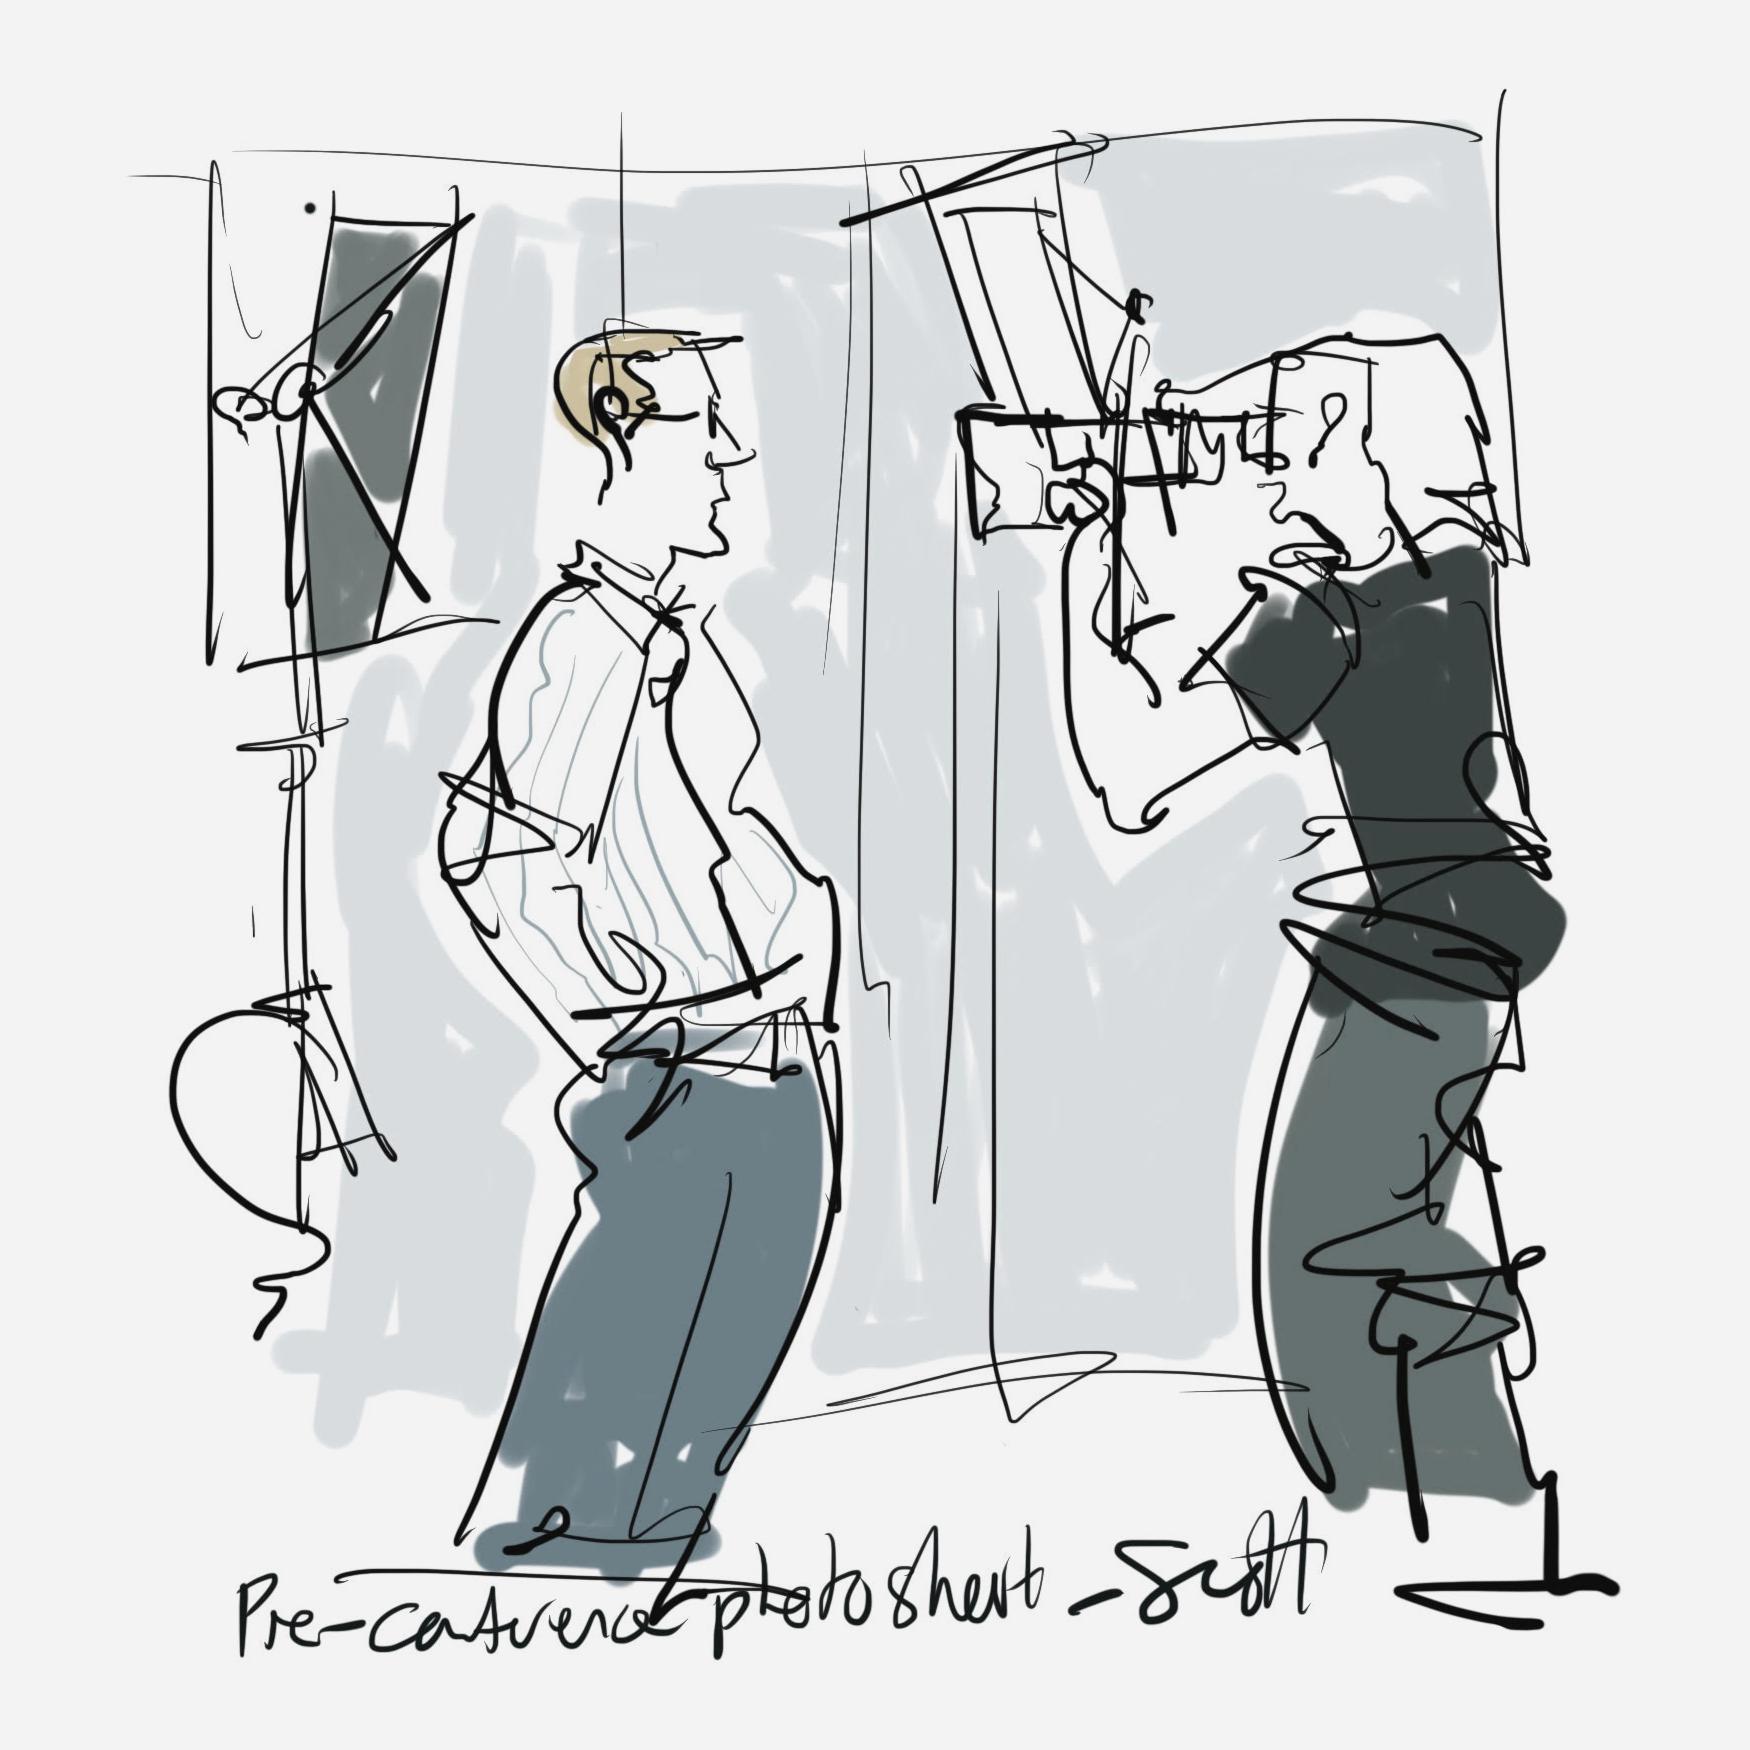 New digital drawing (still screen-grab)